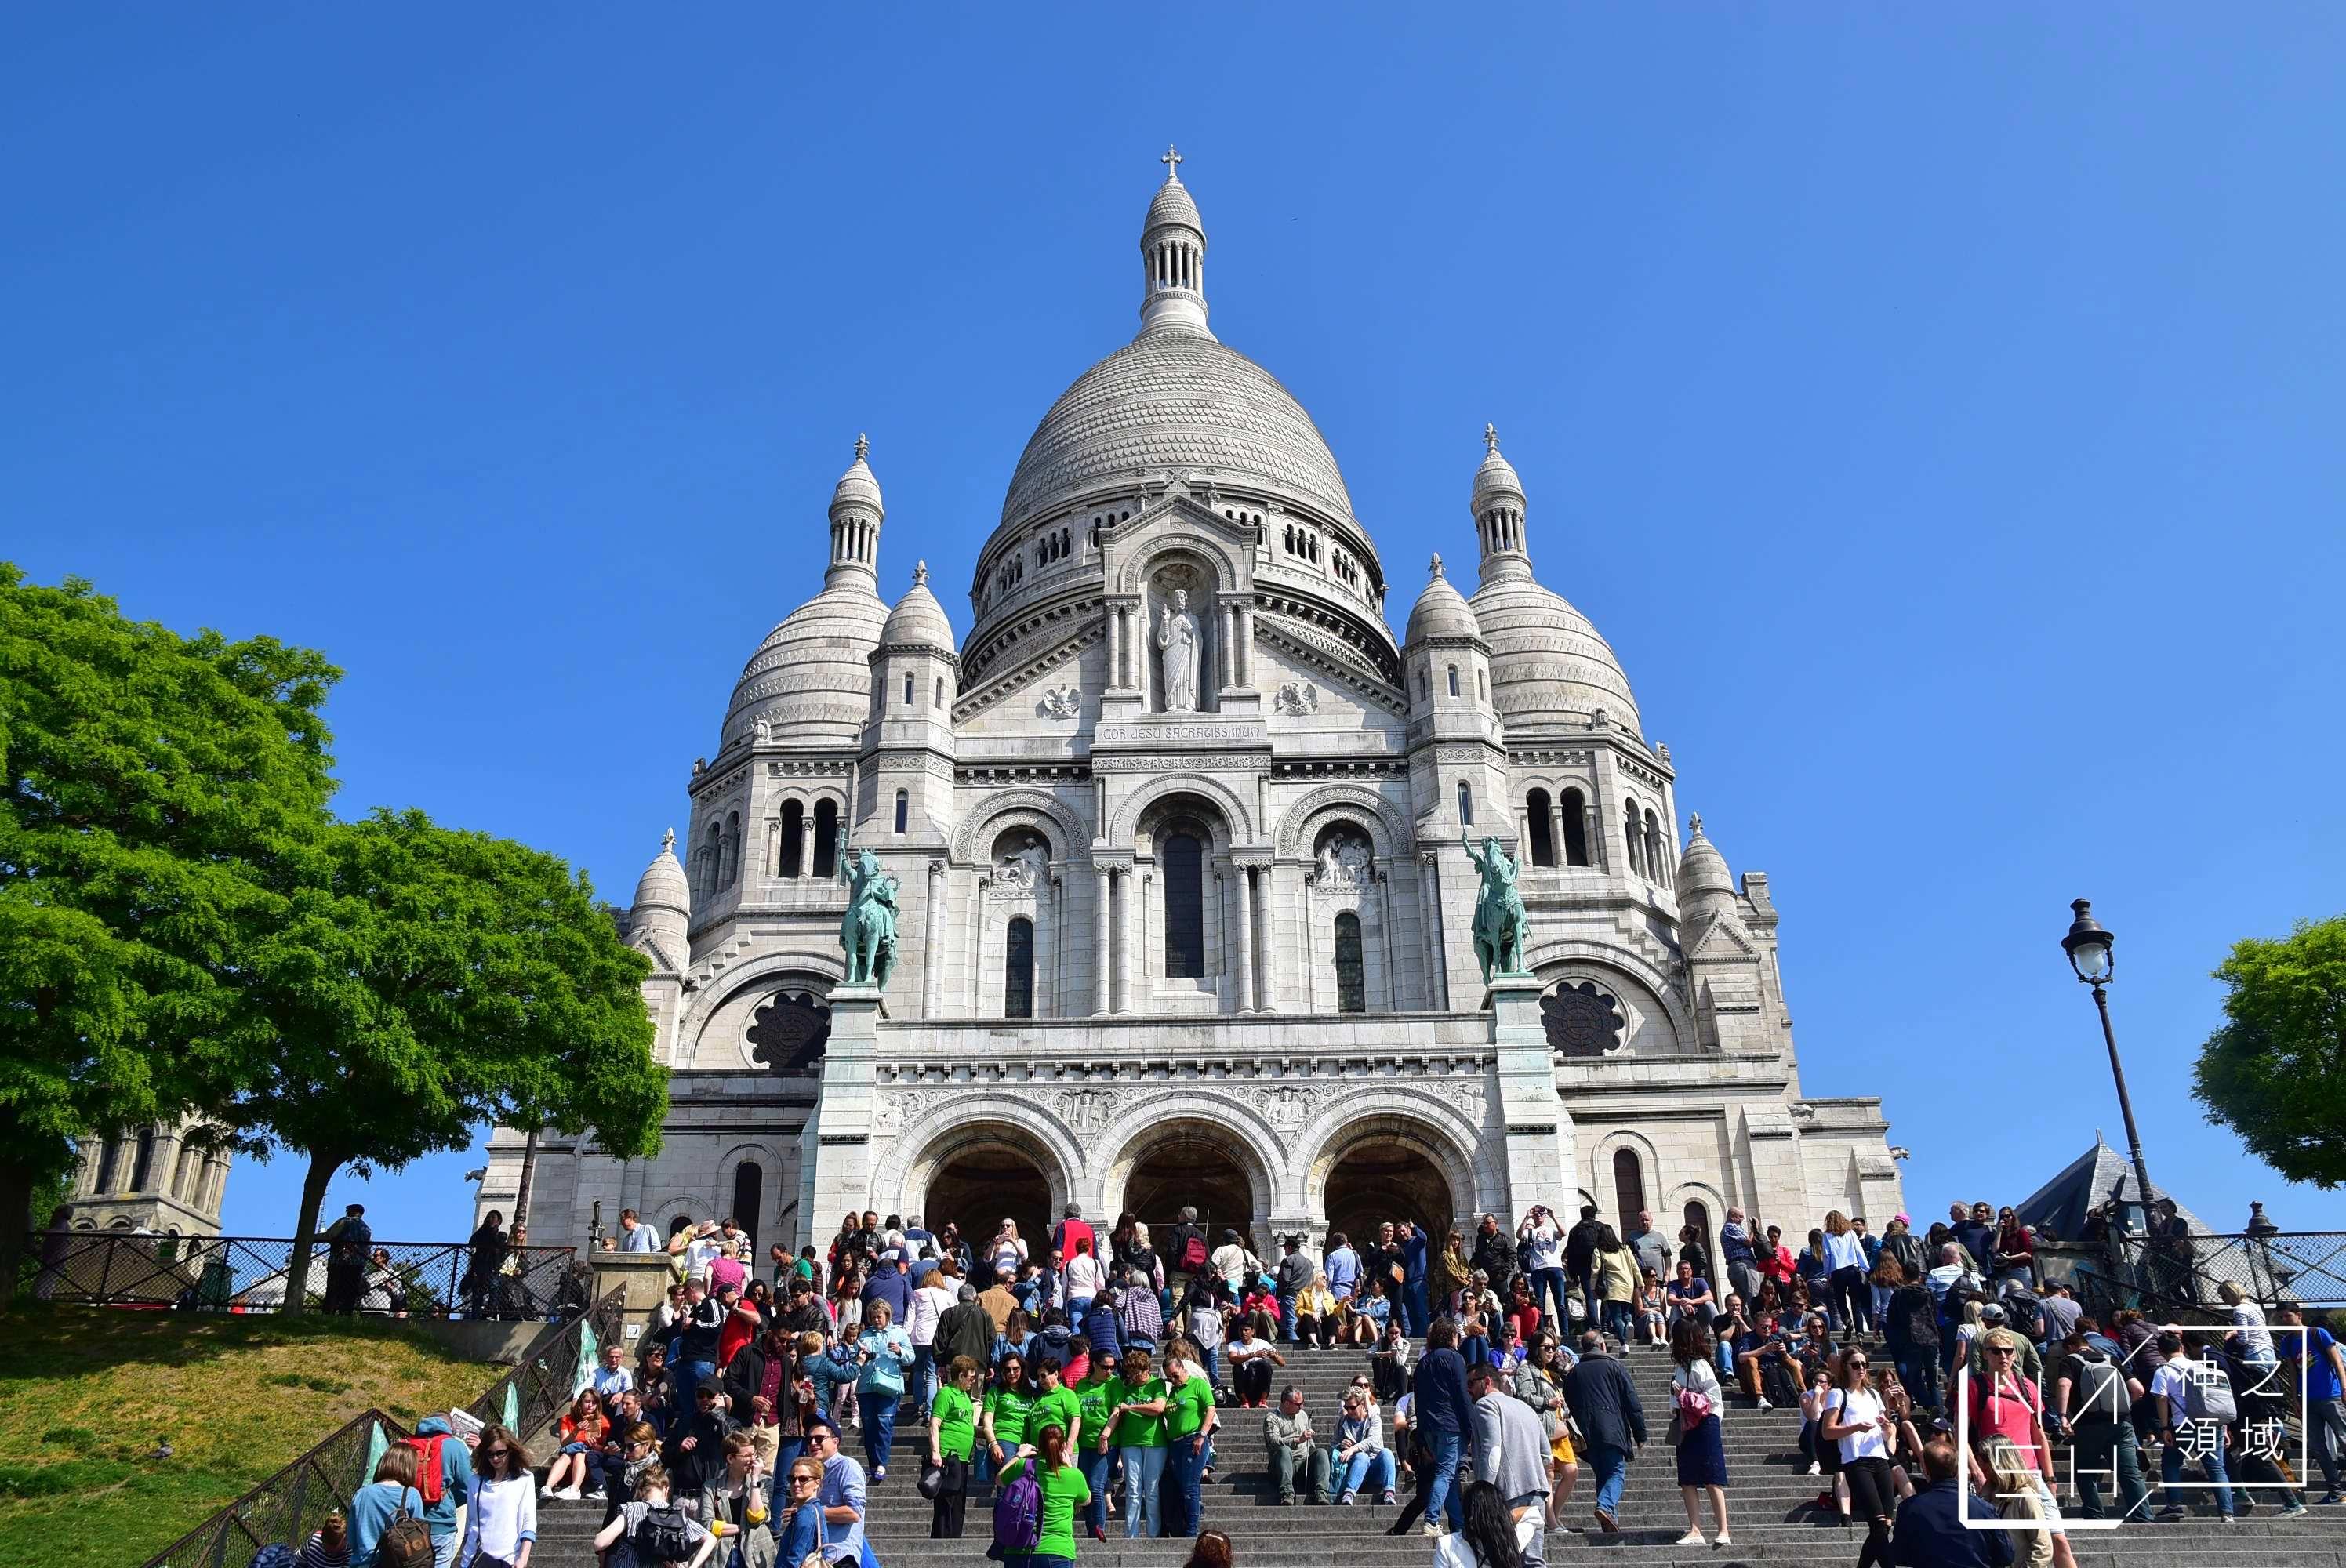 巴黎聖心堂,我愛你牆,紅磨坊 @Nash,神之領域